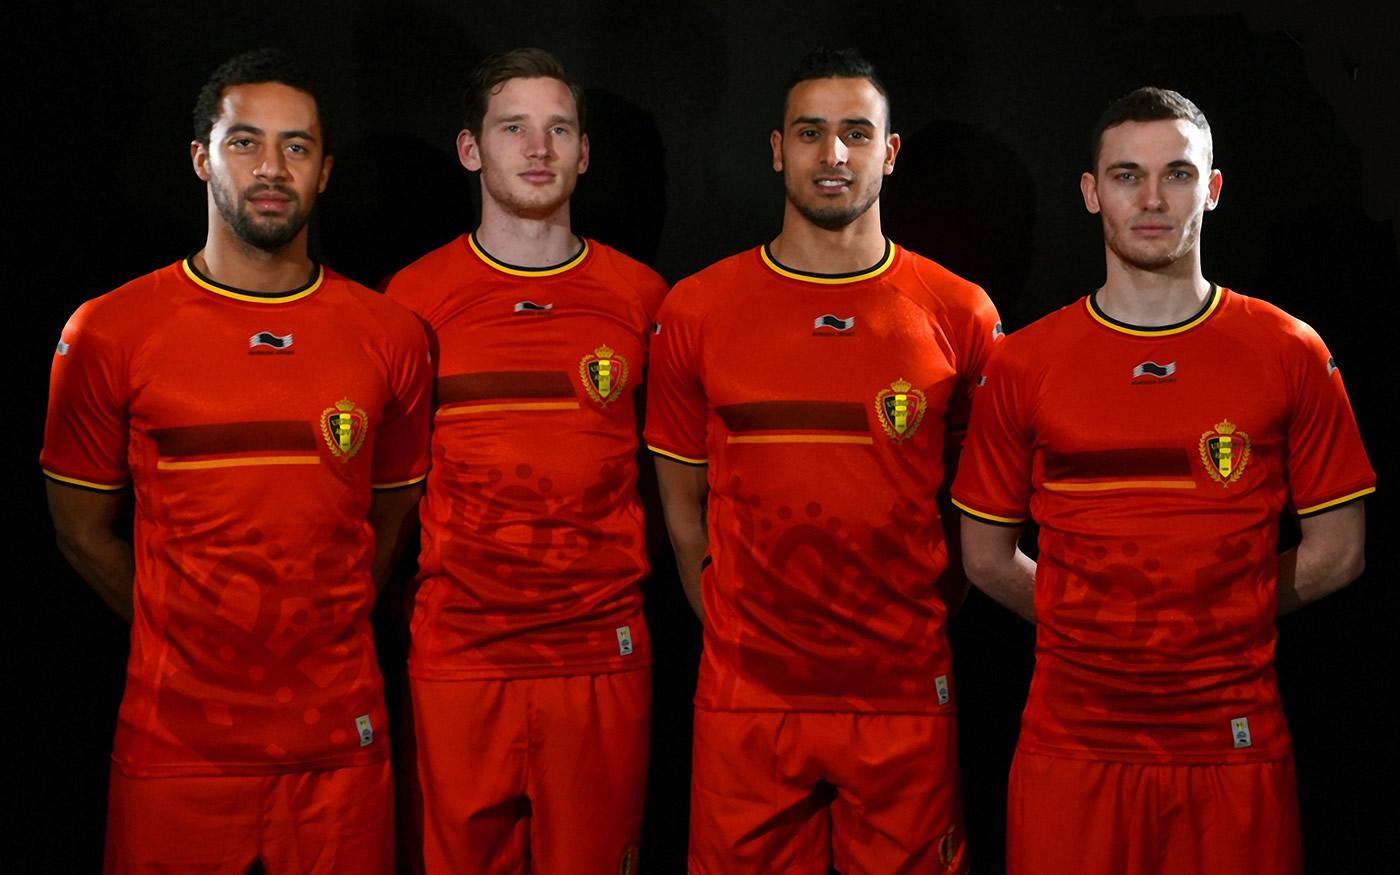 Nueva camisetas de Bélgica | Foto Burrda